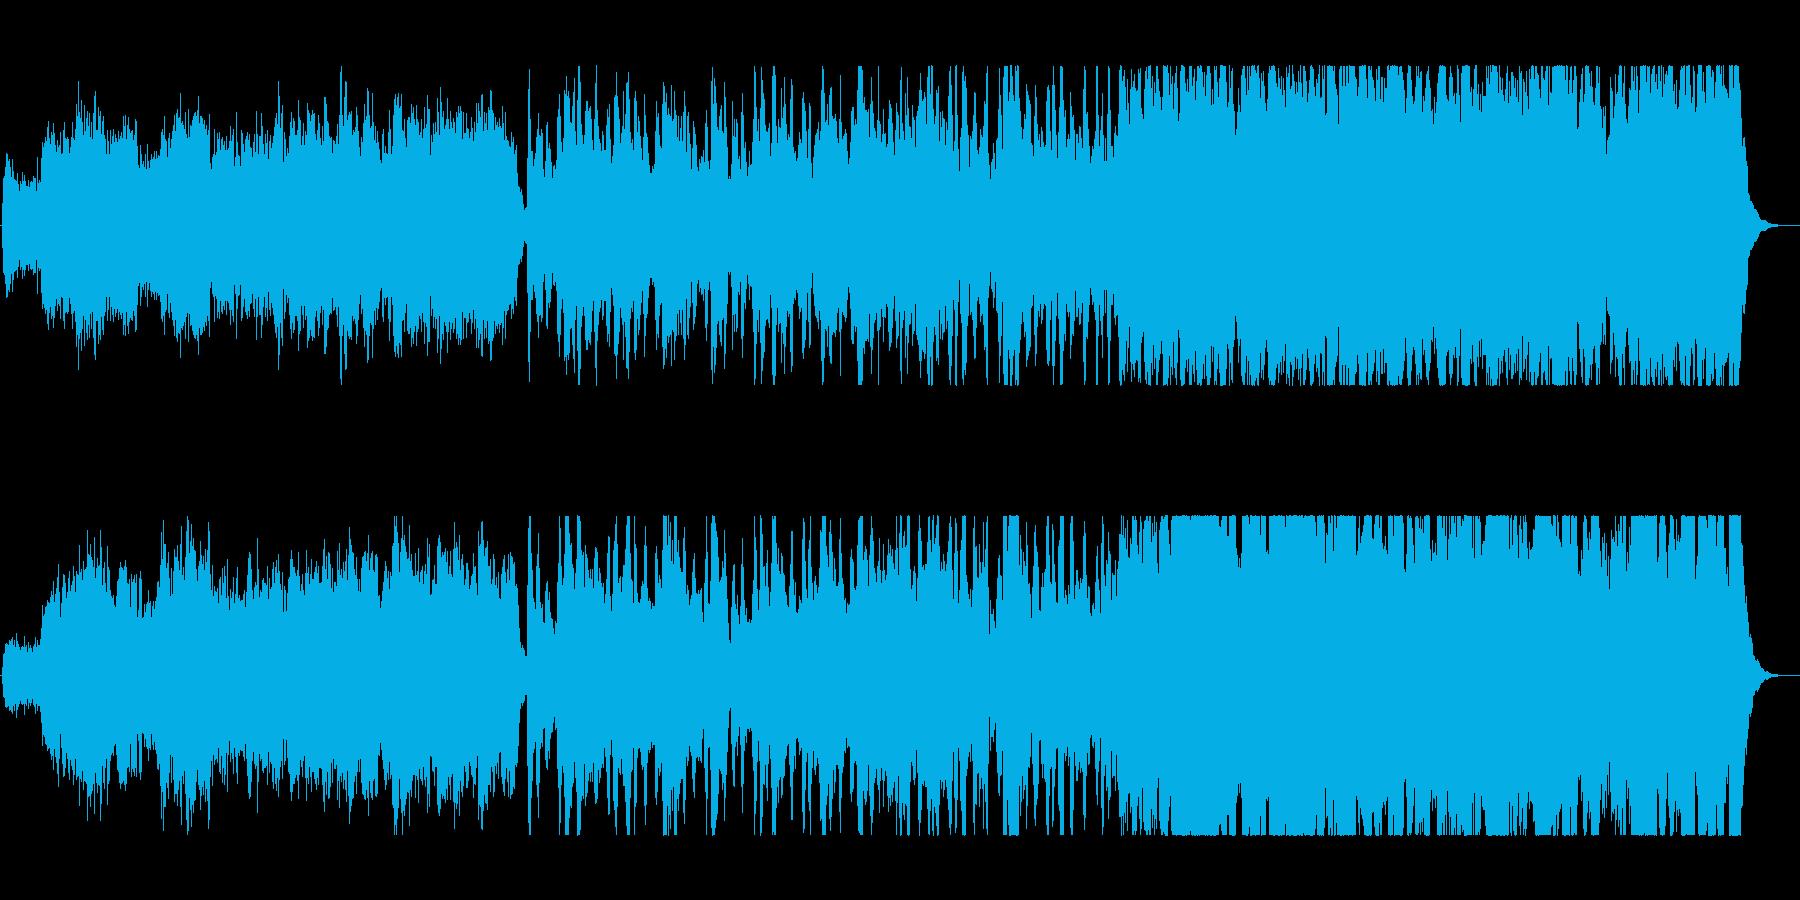 壮大で豪華な管弦楽器シンセサウンドの再生済みの波形